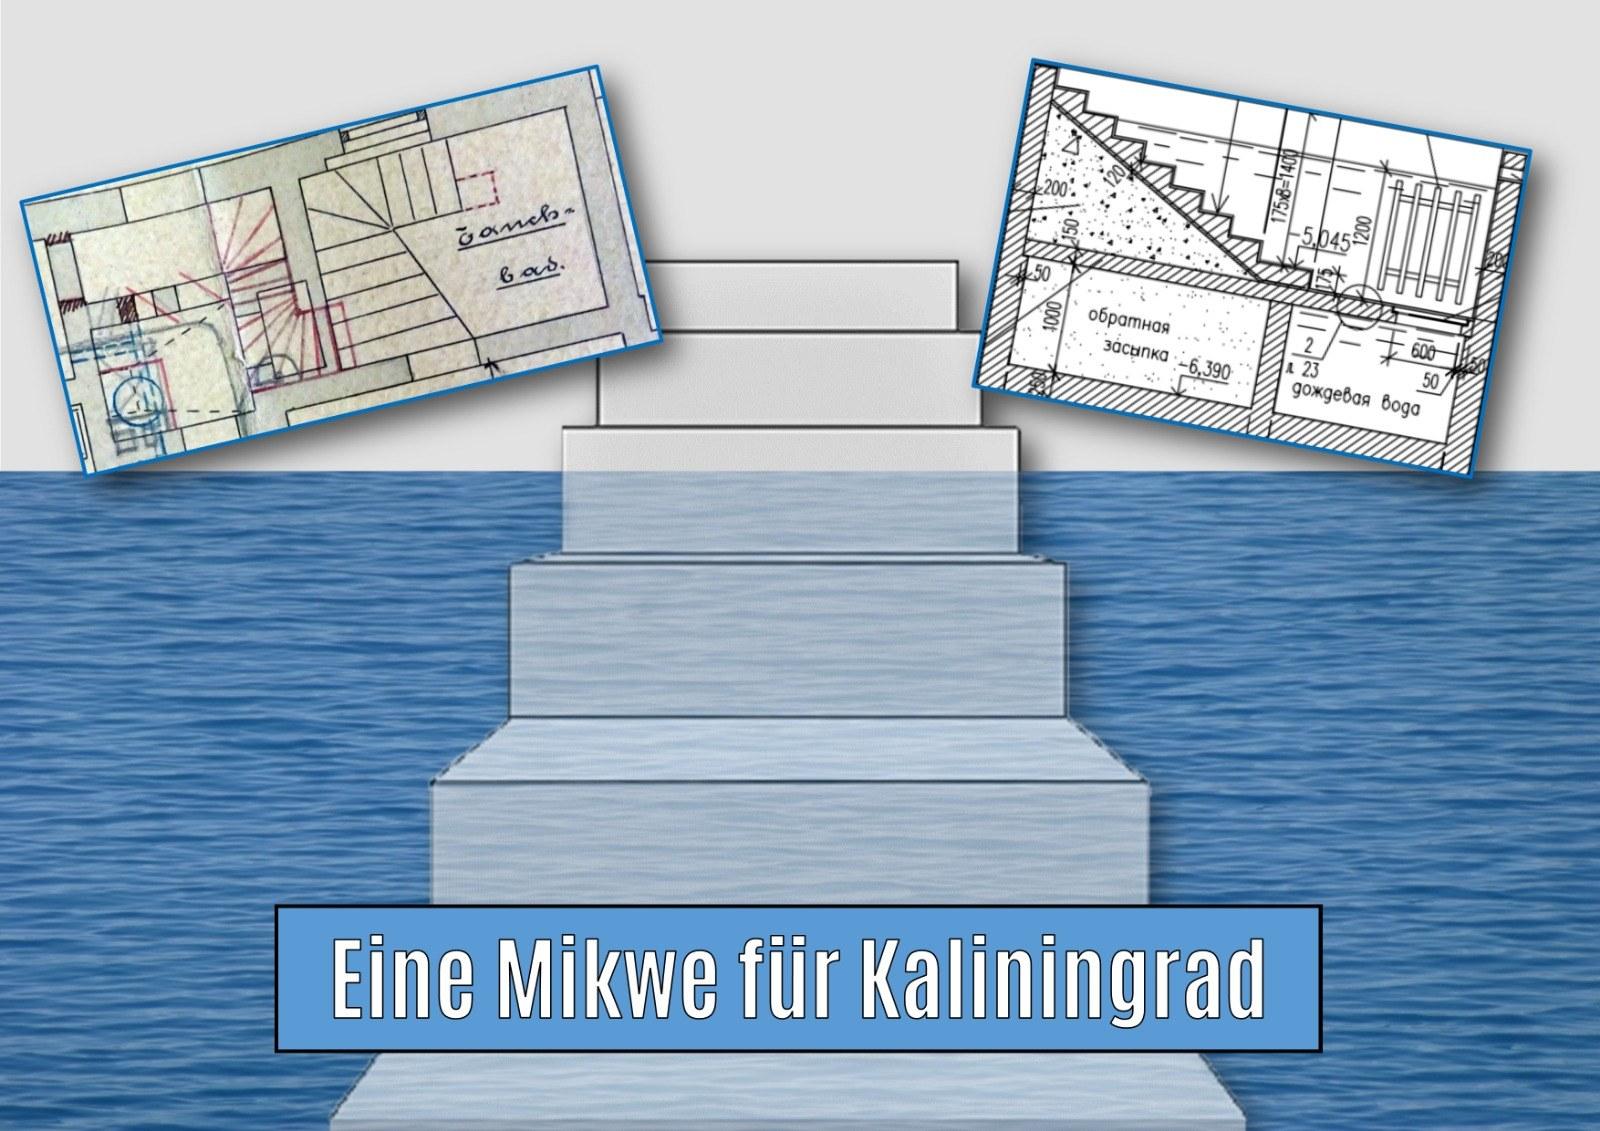 The Mikveh for Kaliningrad